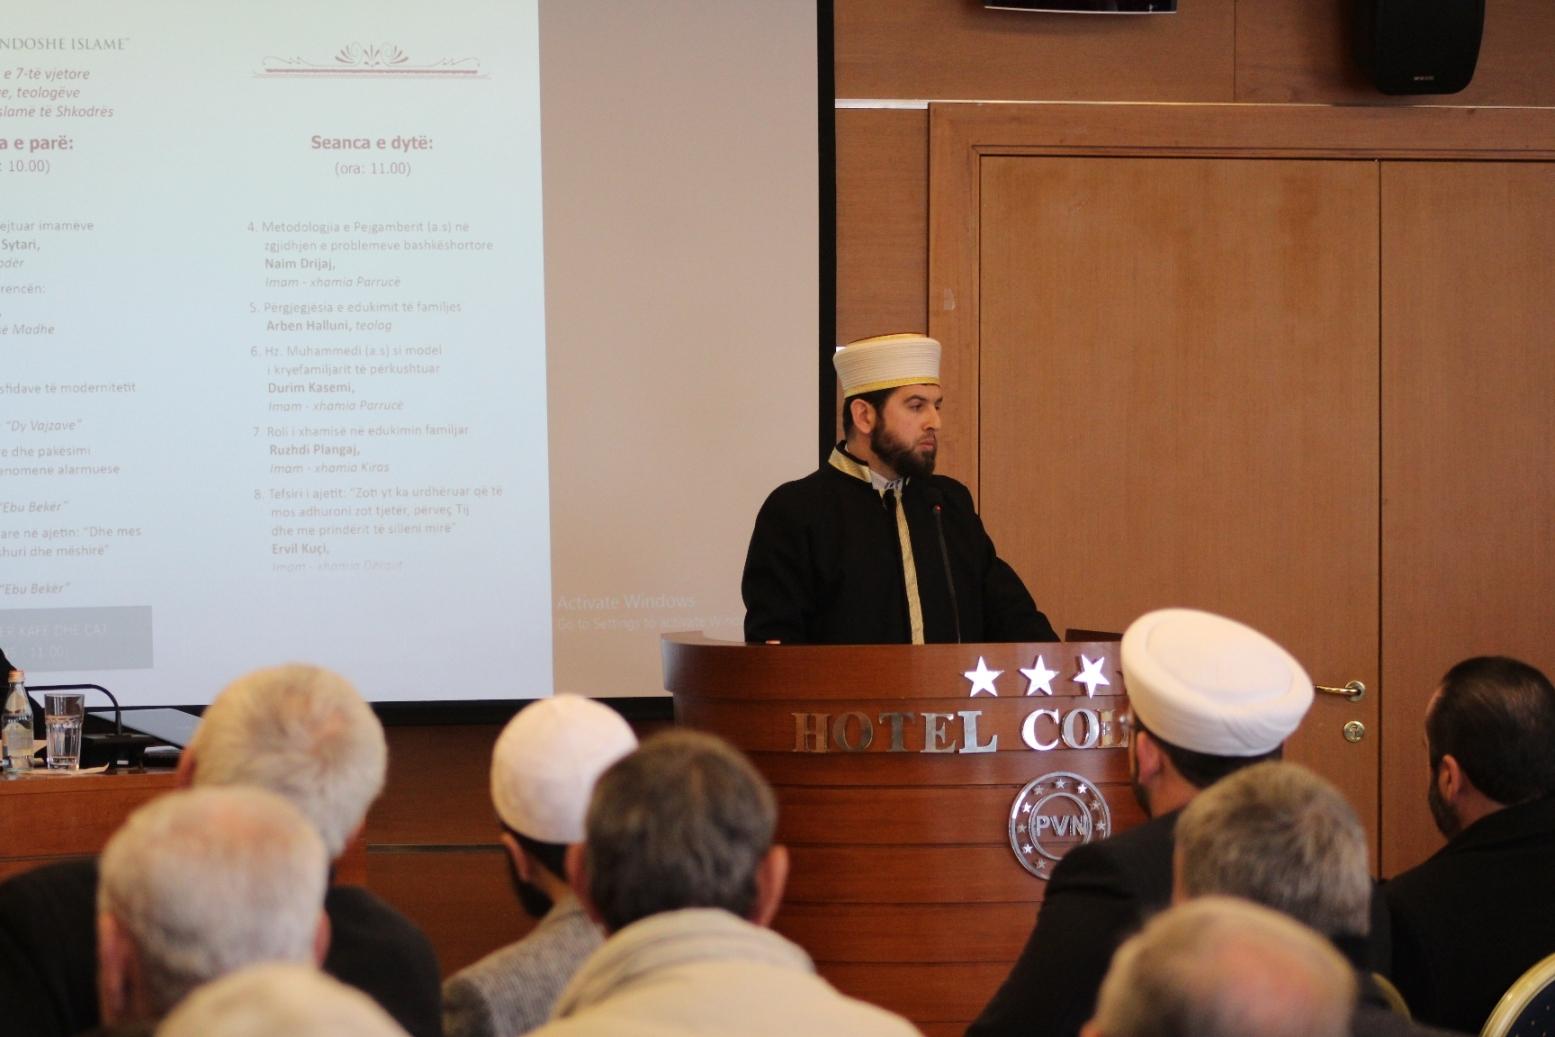 U zhvillua konferenca e 7-të vjetore e imamëve, teologëve dhe thirrësve islamë të Shkodrës